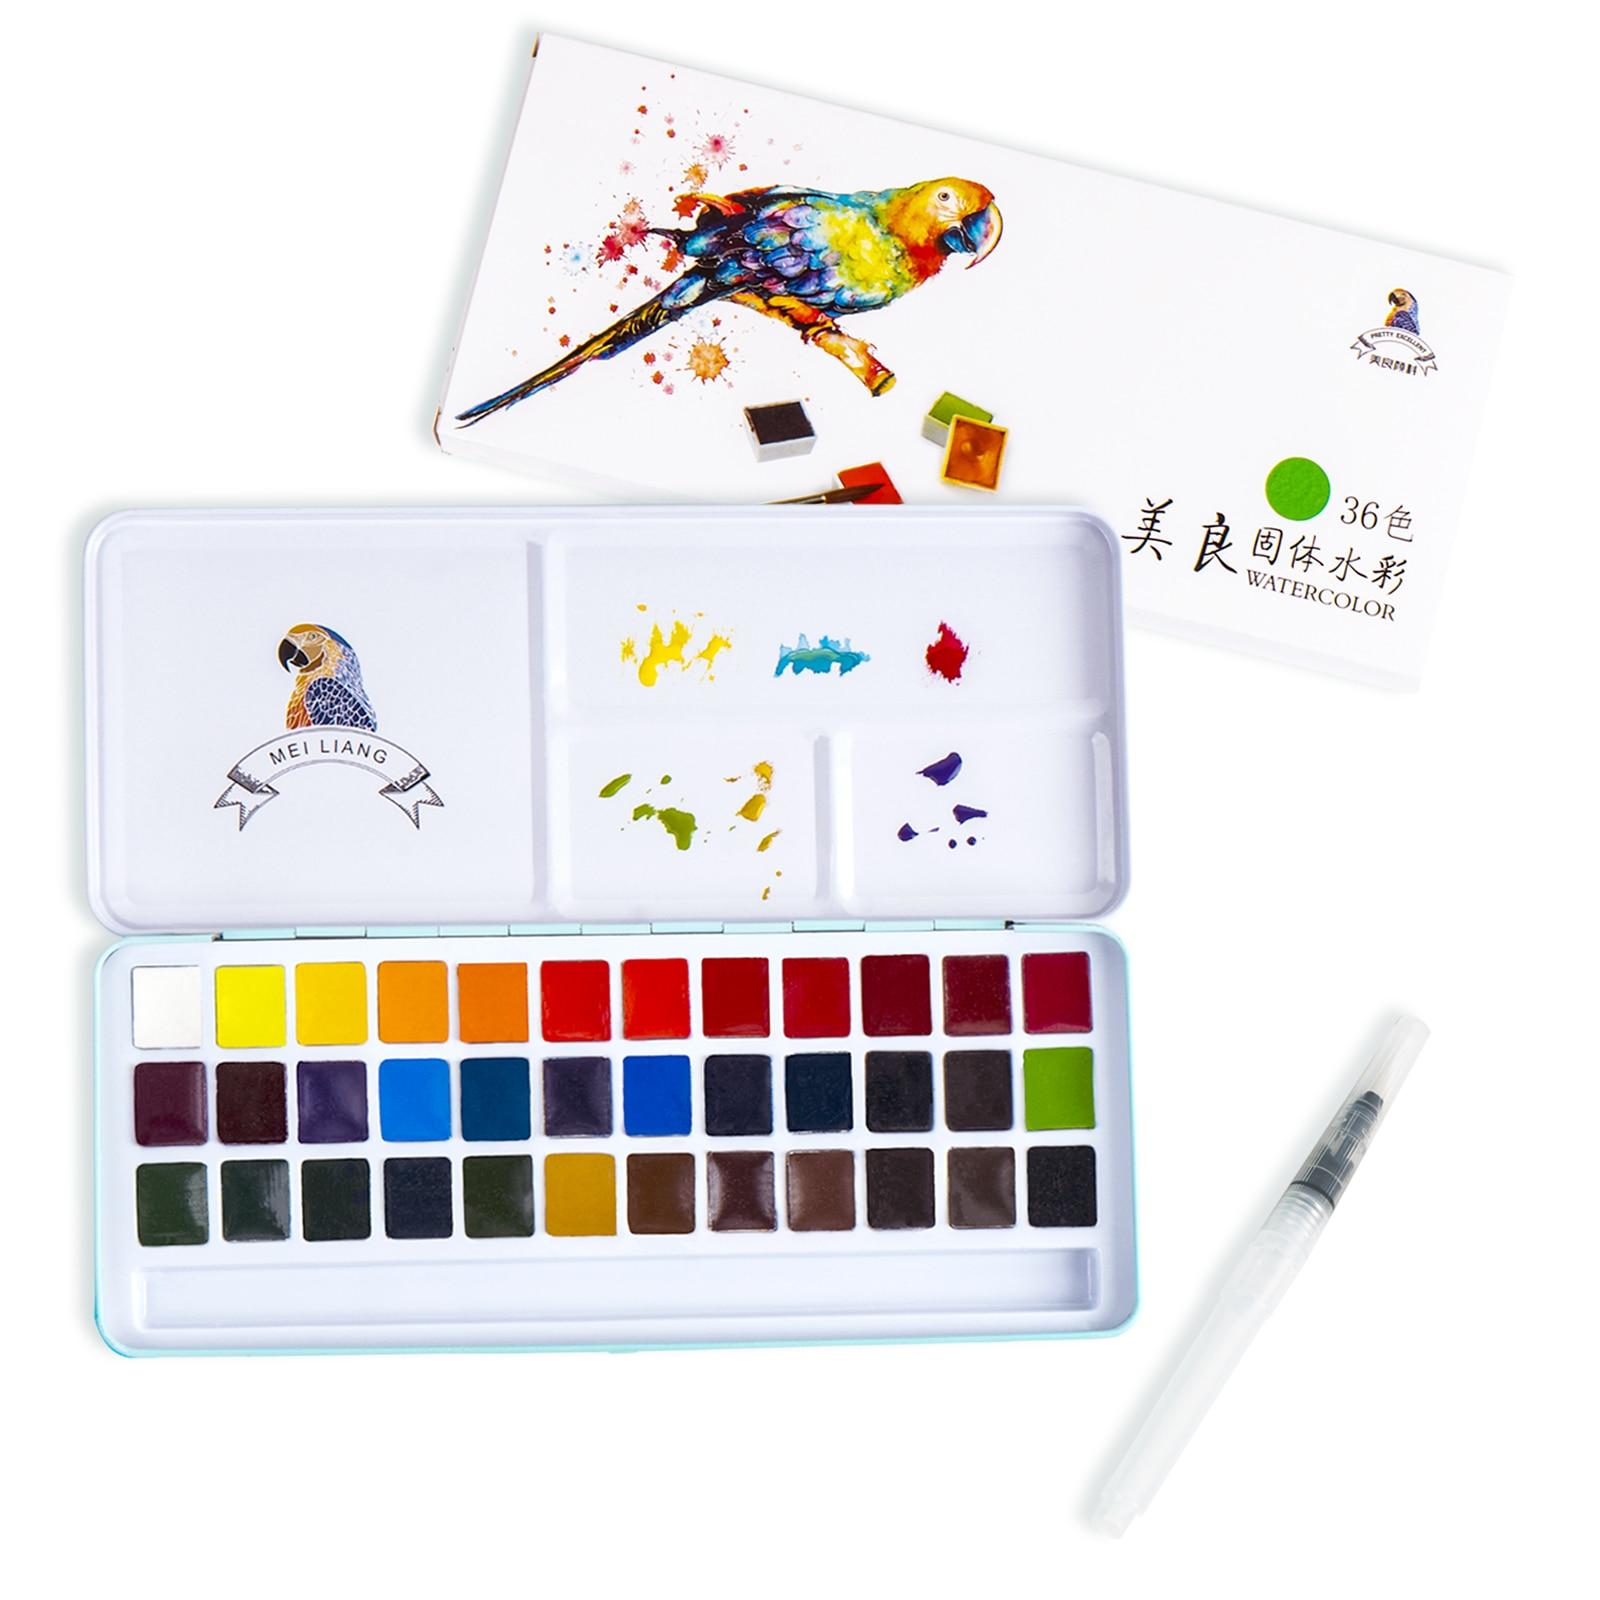 Meiliang 36 цветов s, ТВЕРДАЯ ВОДА, металлическая железная коробка, железная коробка, Карманный Набор для рисования пигментом с кисточкой в подар...